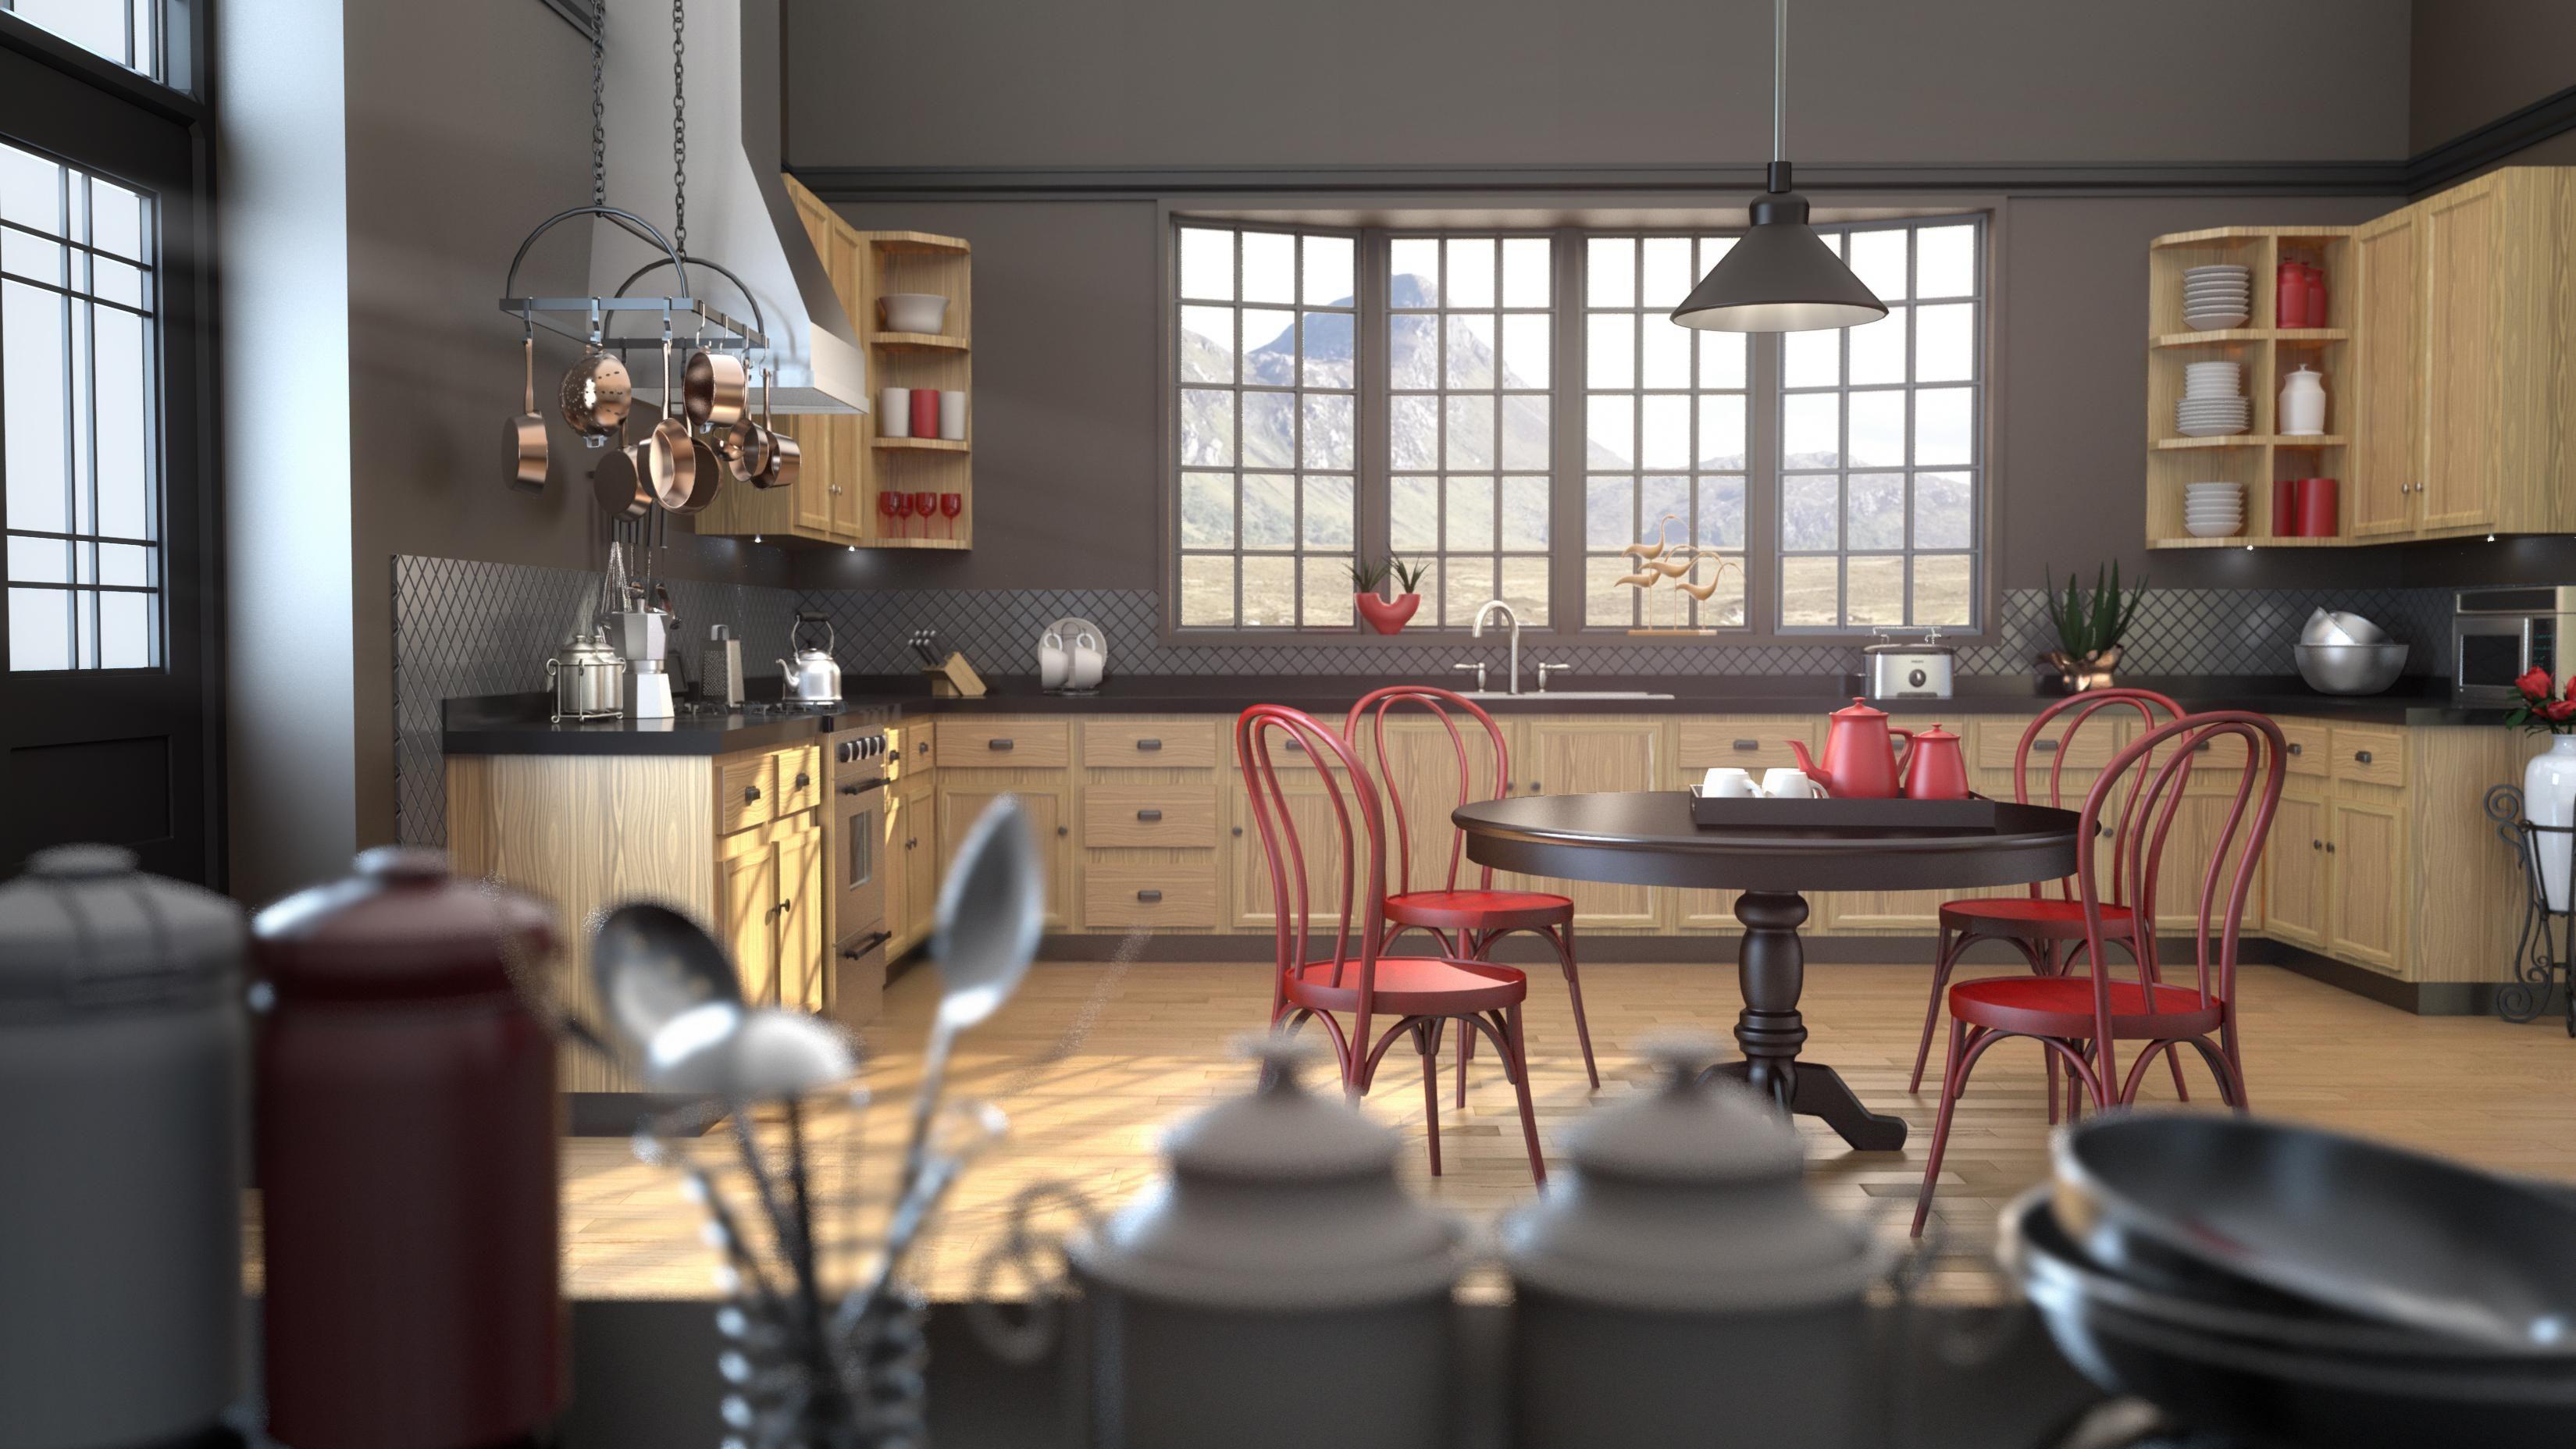 Kitchen Interior WIP Rendered In KeyShot By Tim Feher... Yes, Car Render